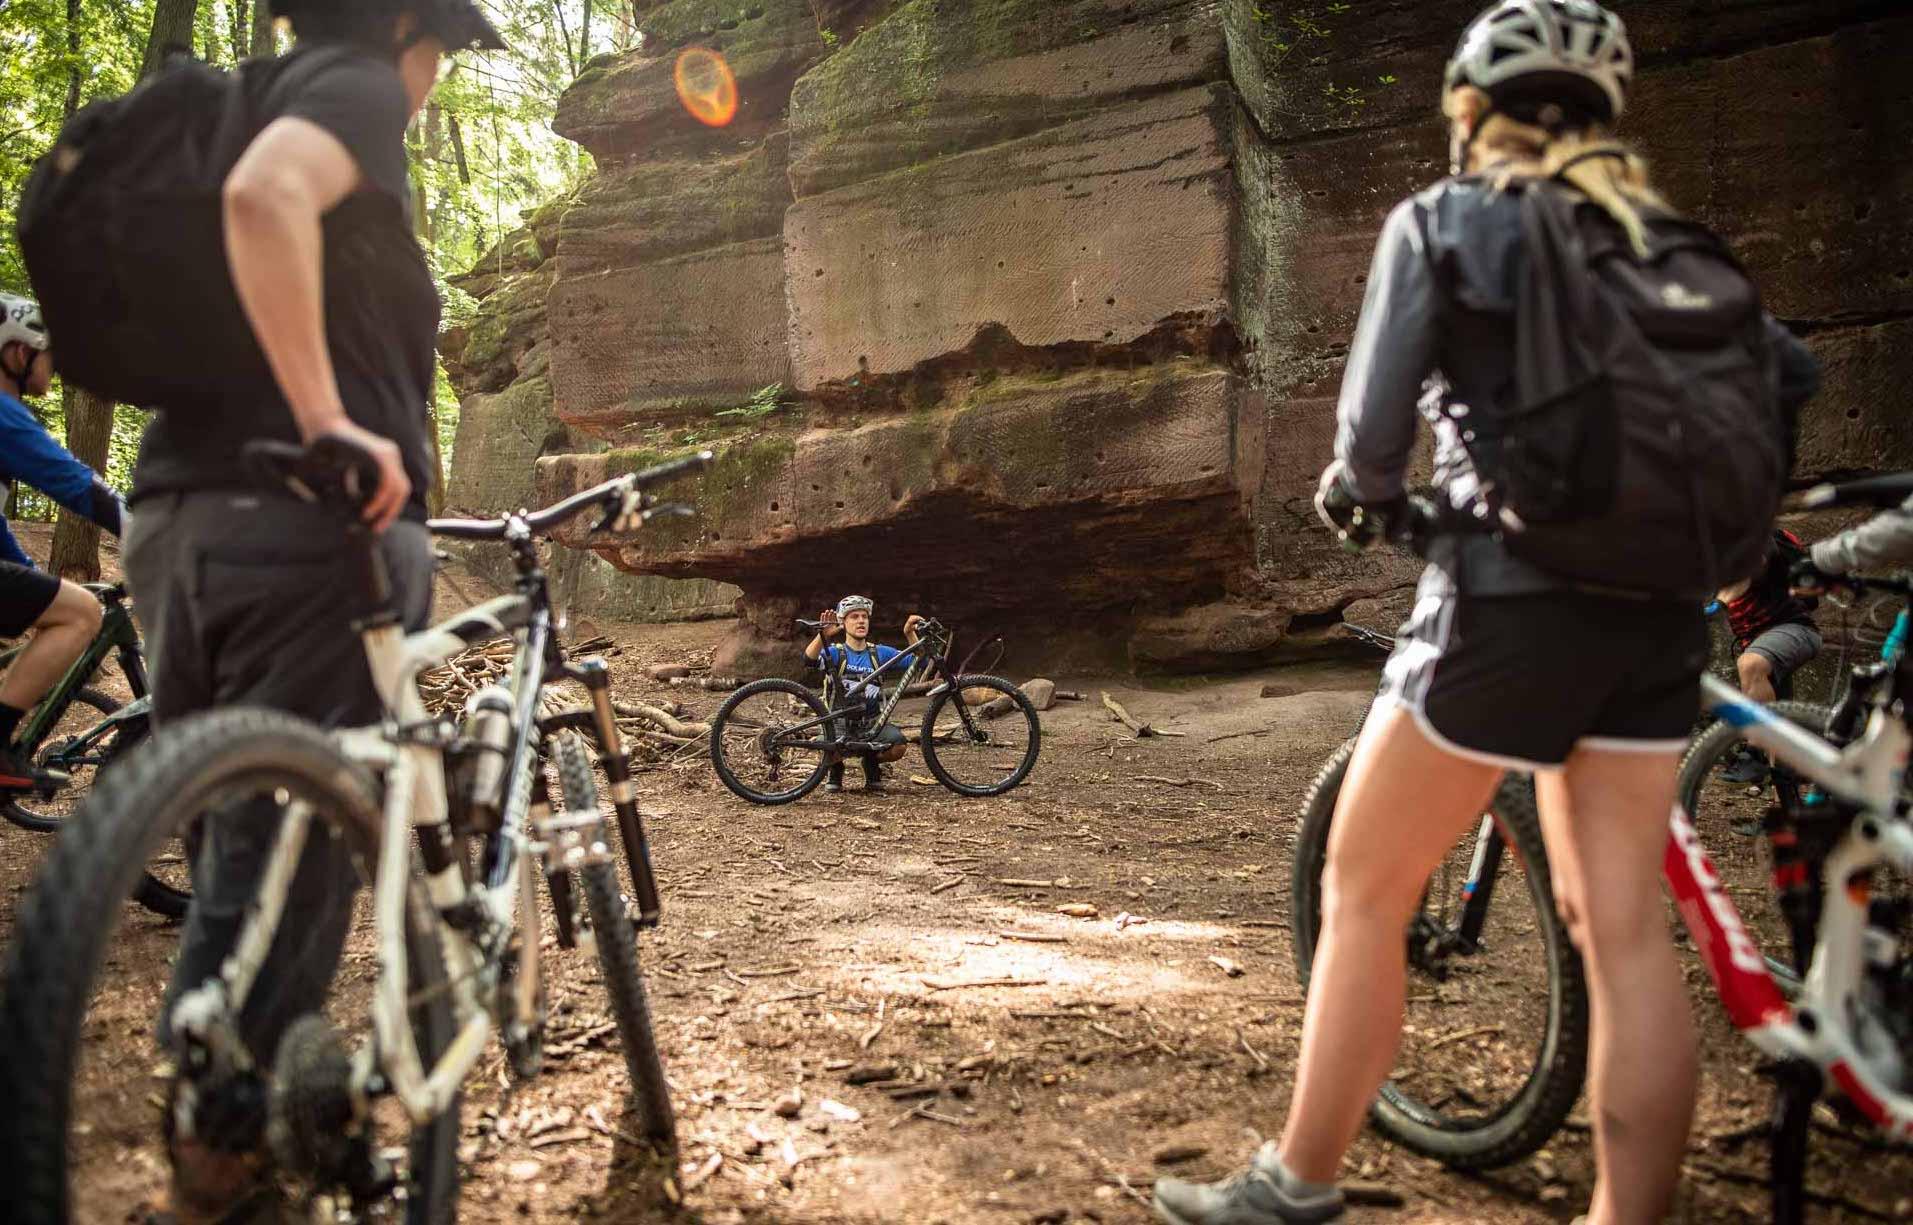 MTB Fahrtechnik Kurs für Einsteiger in Siegburg   Bonn - Mountainbike Basic - Rock my Trail Bikeschule - 11